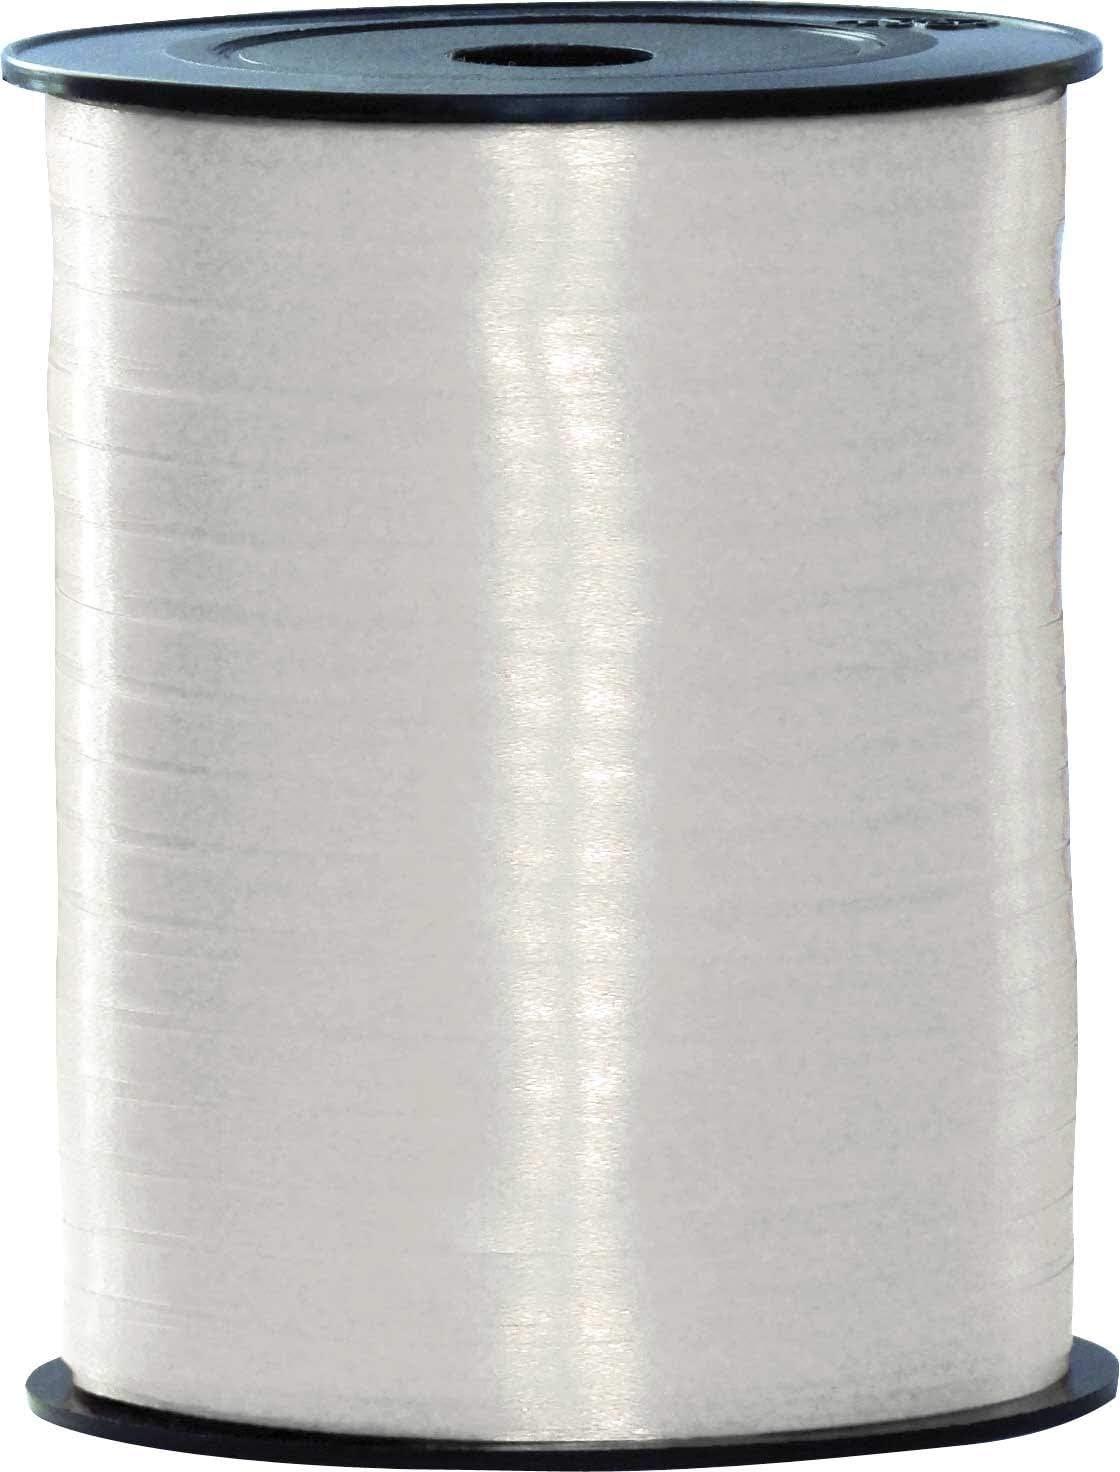 s Haza bolduc 10 mm x 250 m blanc Lot de 1Unit/é